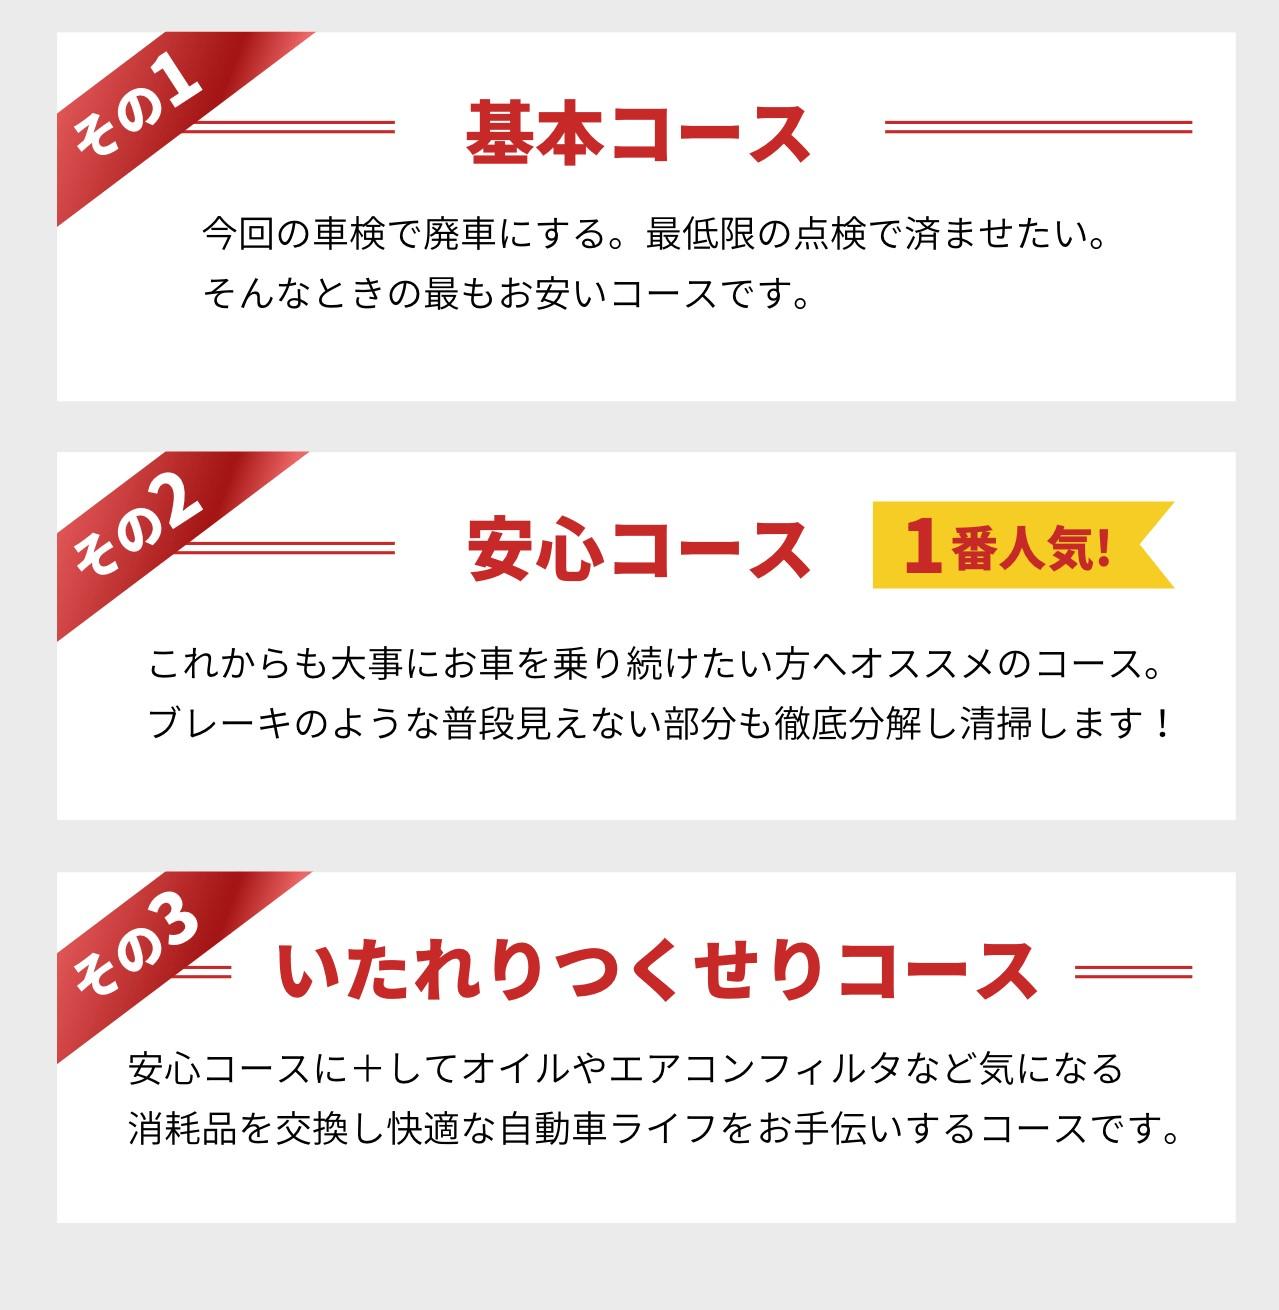 福田自動車工業の車検は3コース